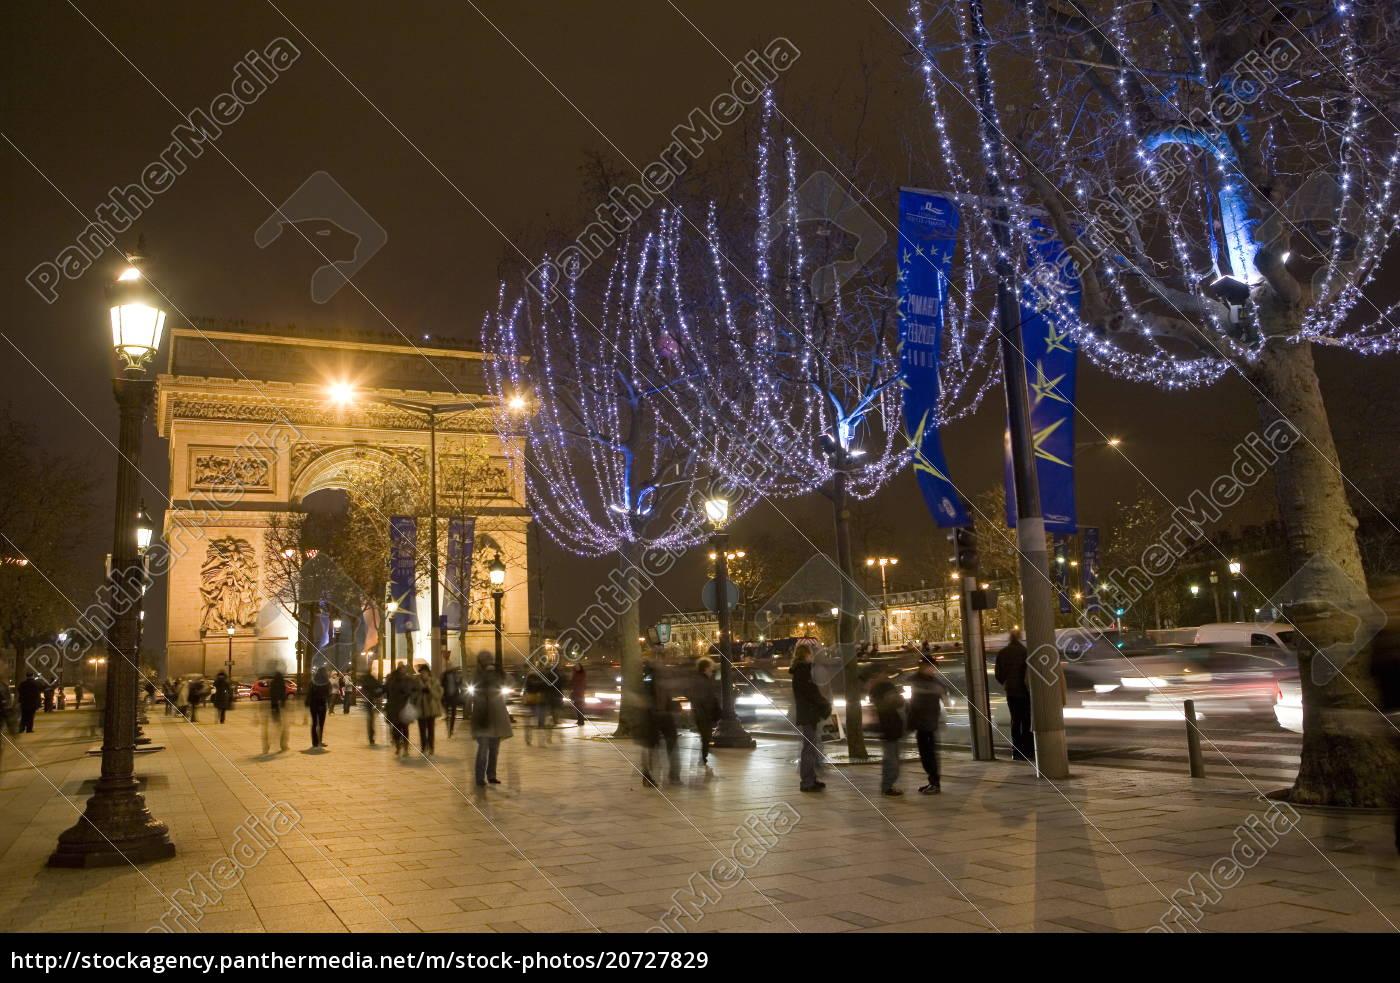 weihnachtsbeleuchtung, und, der, arc, de, triomphe, paris, frankreich, europa - 20727829